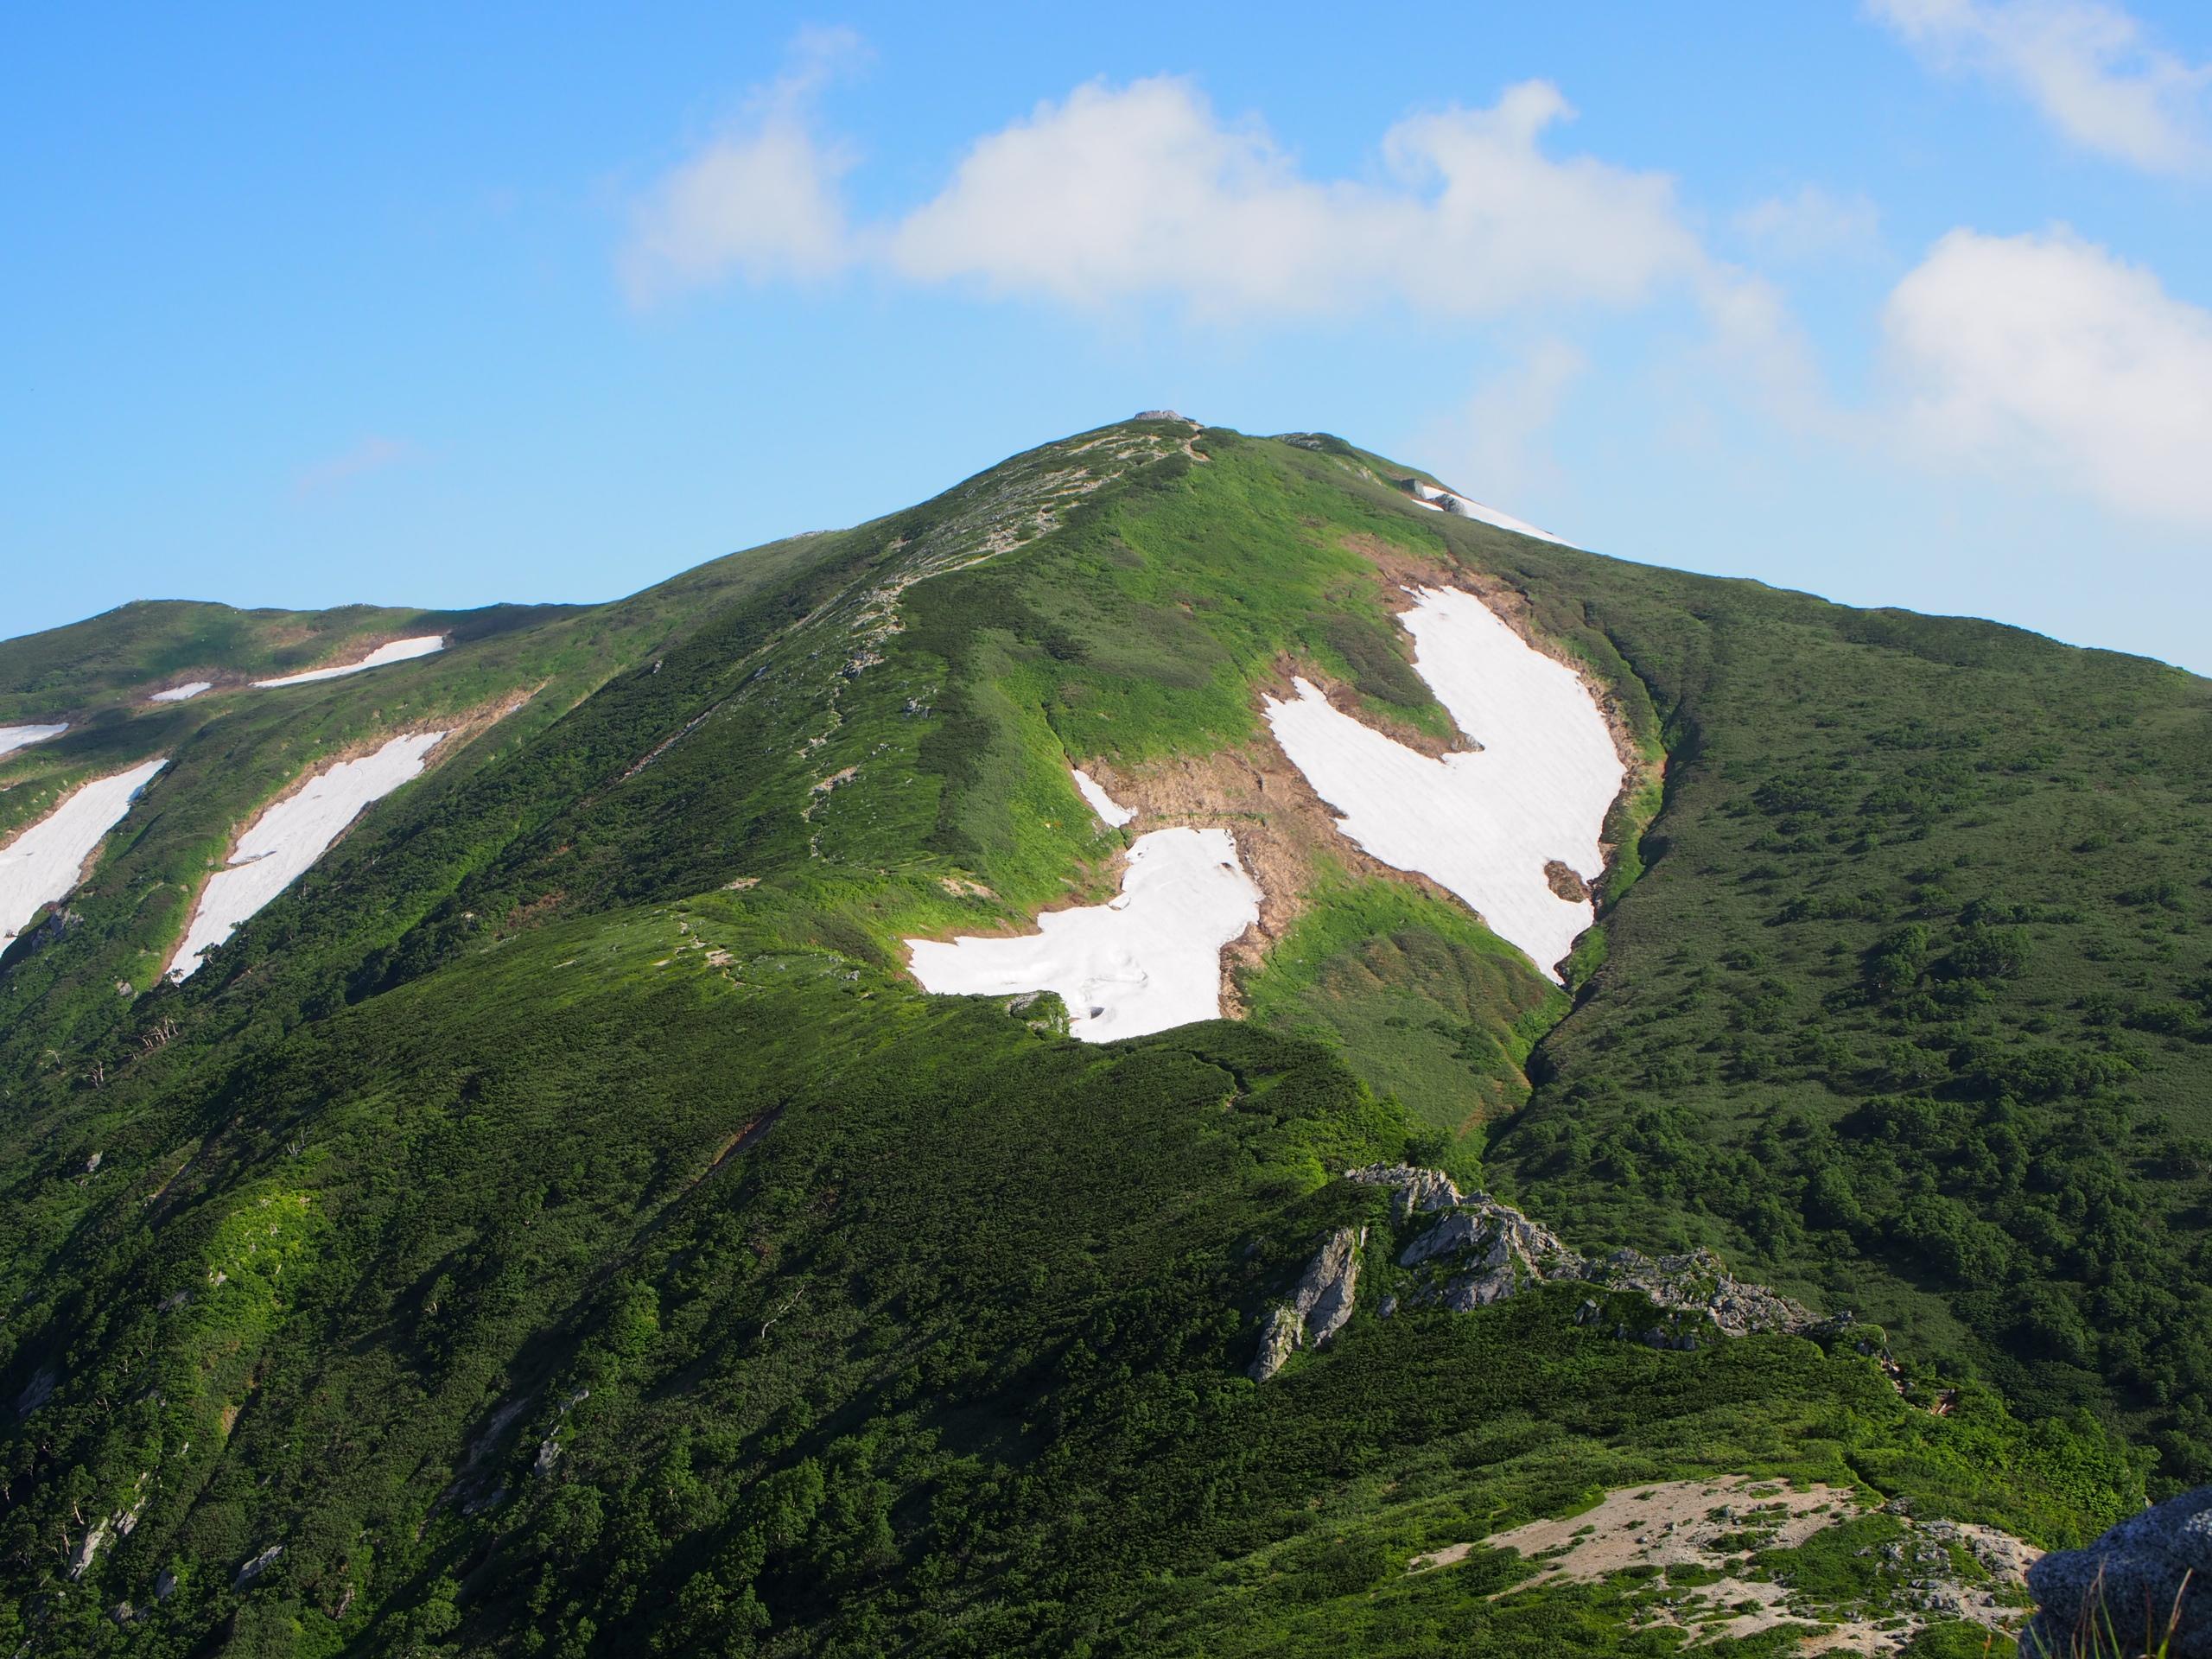 ハートの雪渓